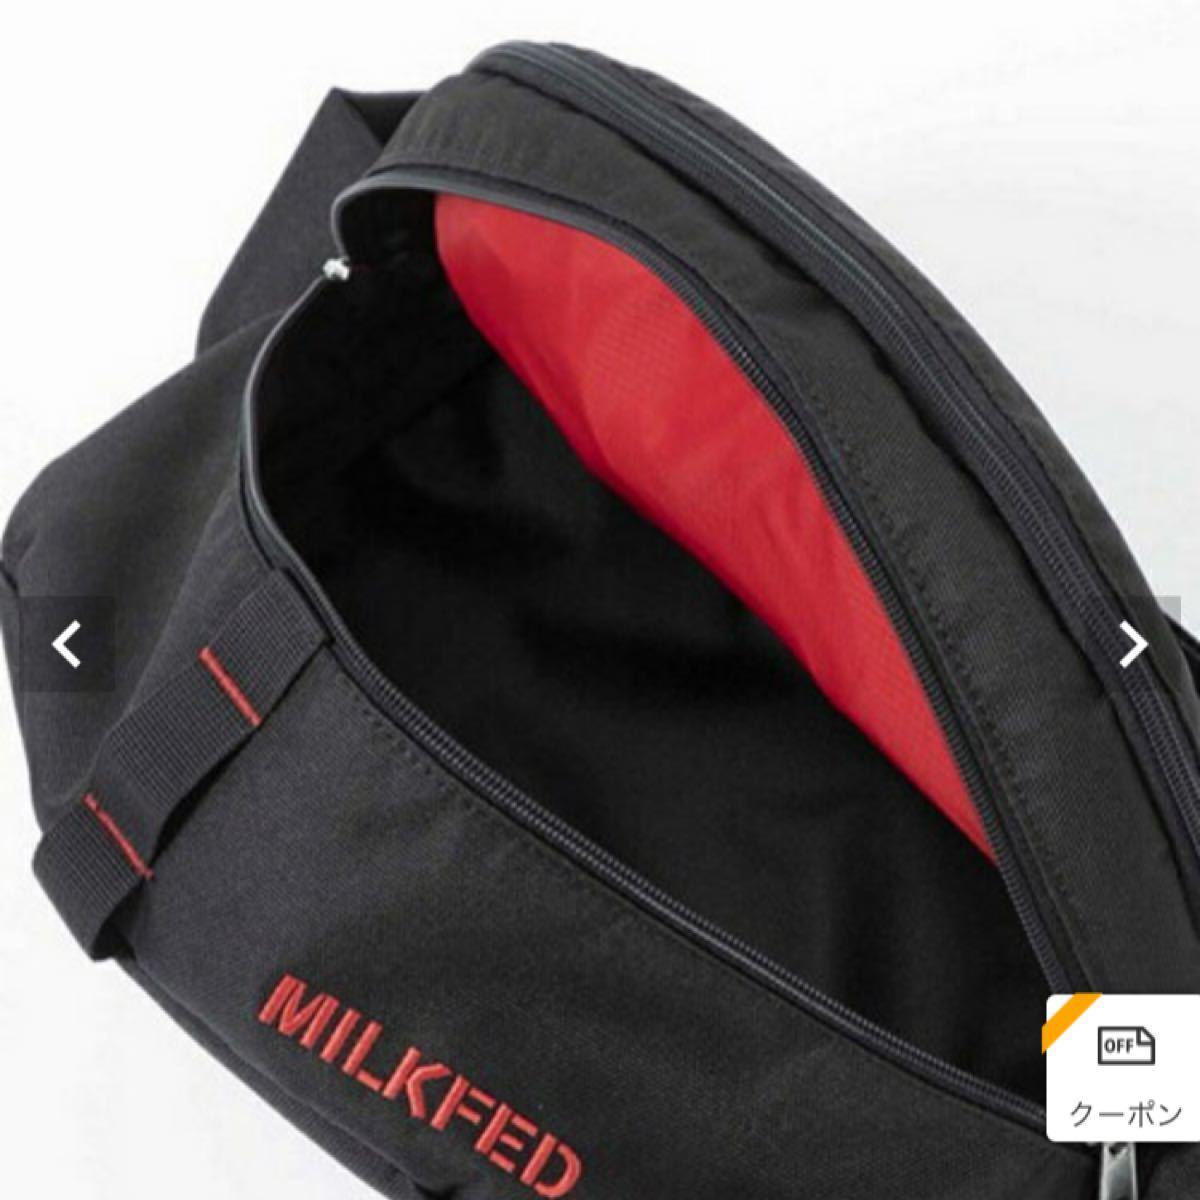 ミルクフェド MILKFED 2wayバッグ